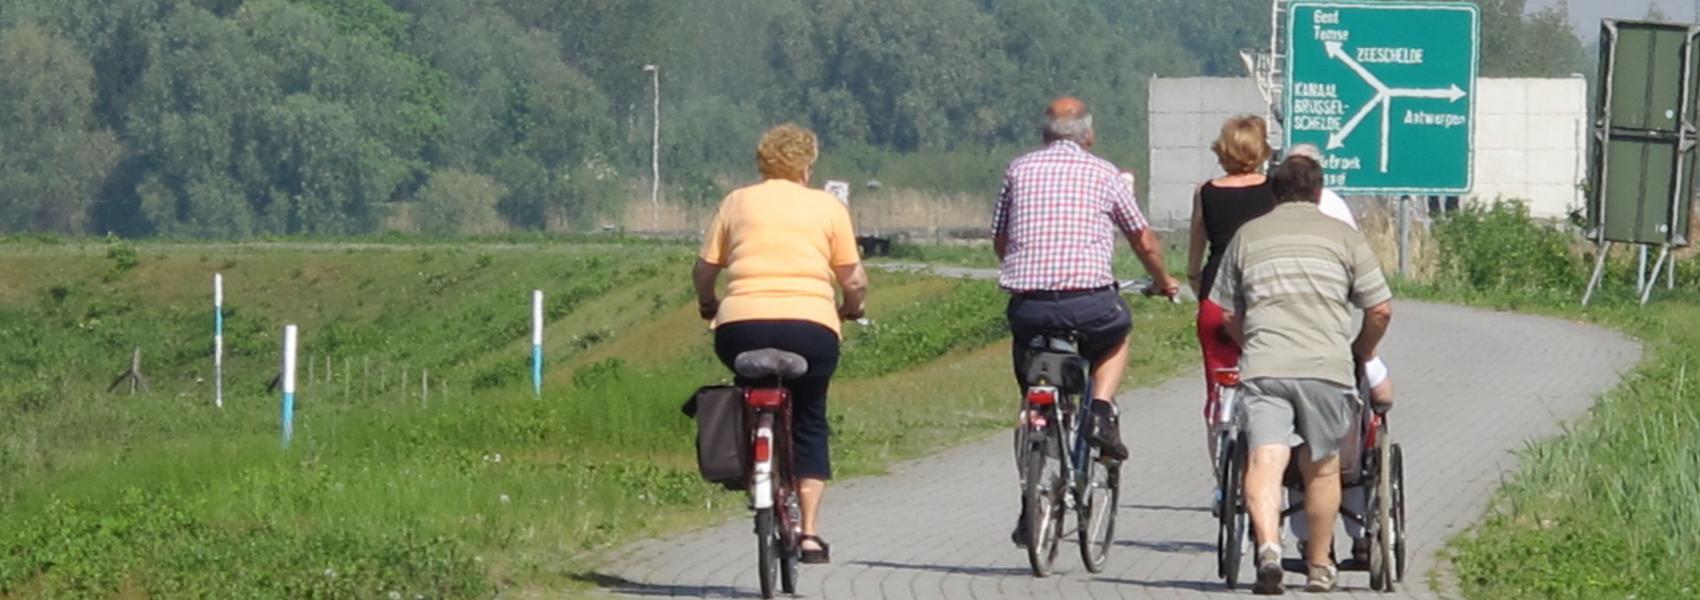 fietsers aan het Noordelijk Eiland